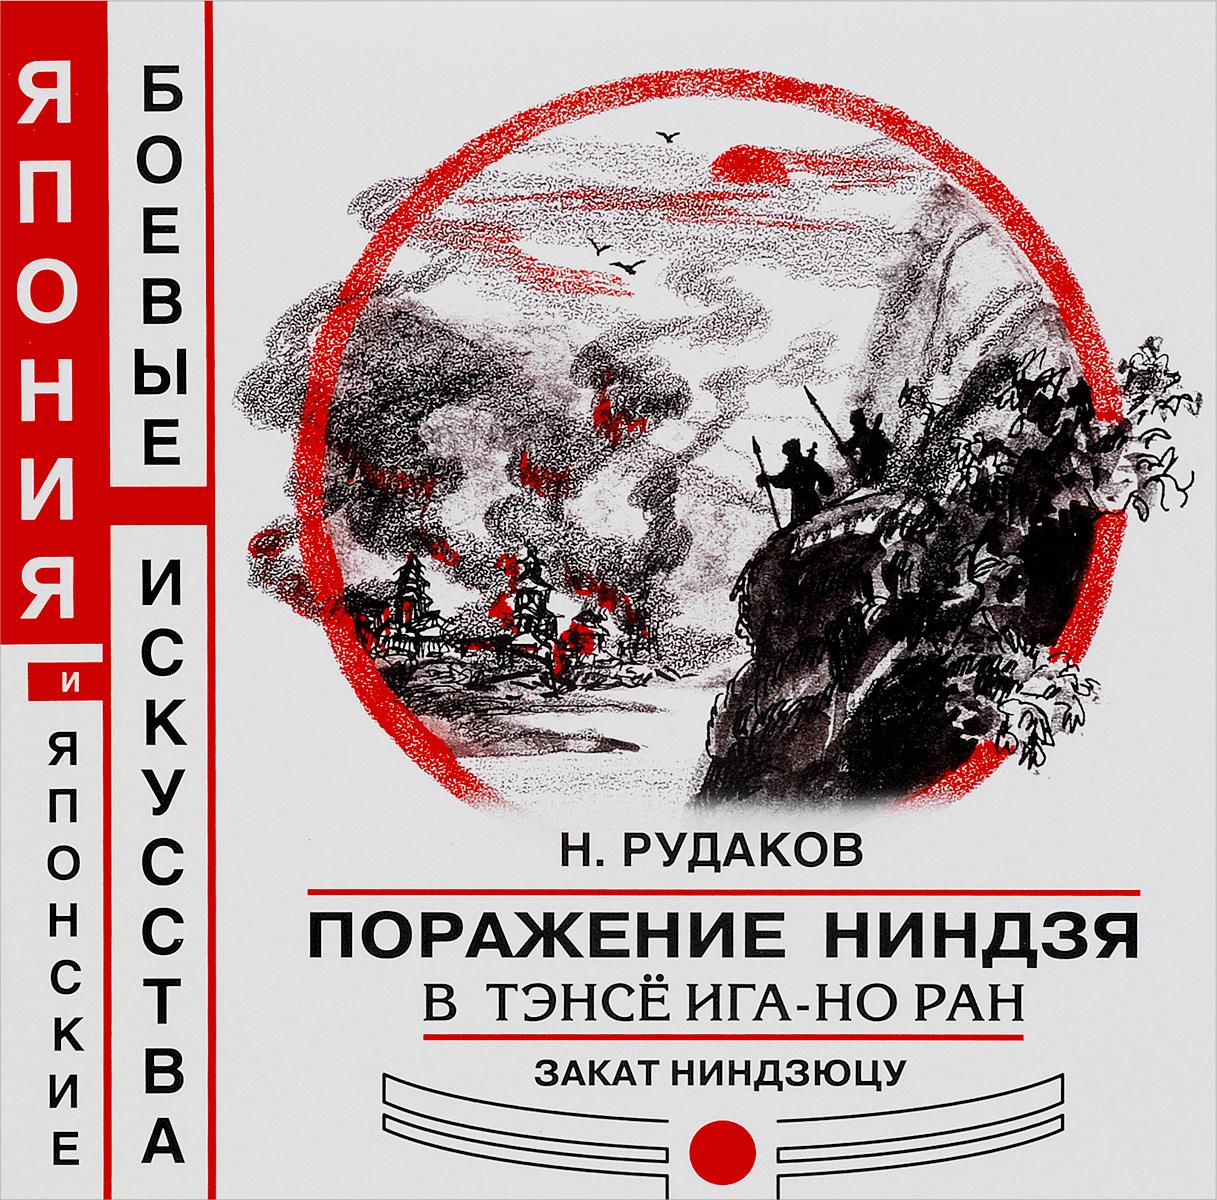 Н. Э. Рудаков Поражение ниндзя в Тэнсё Ига-но ран. Закат ниндзюцу